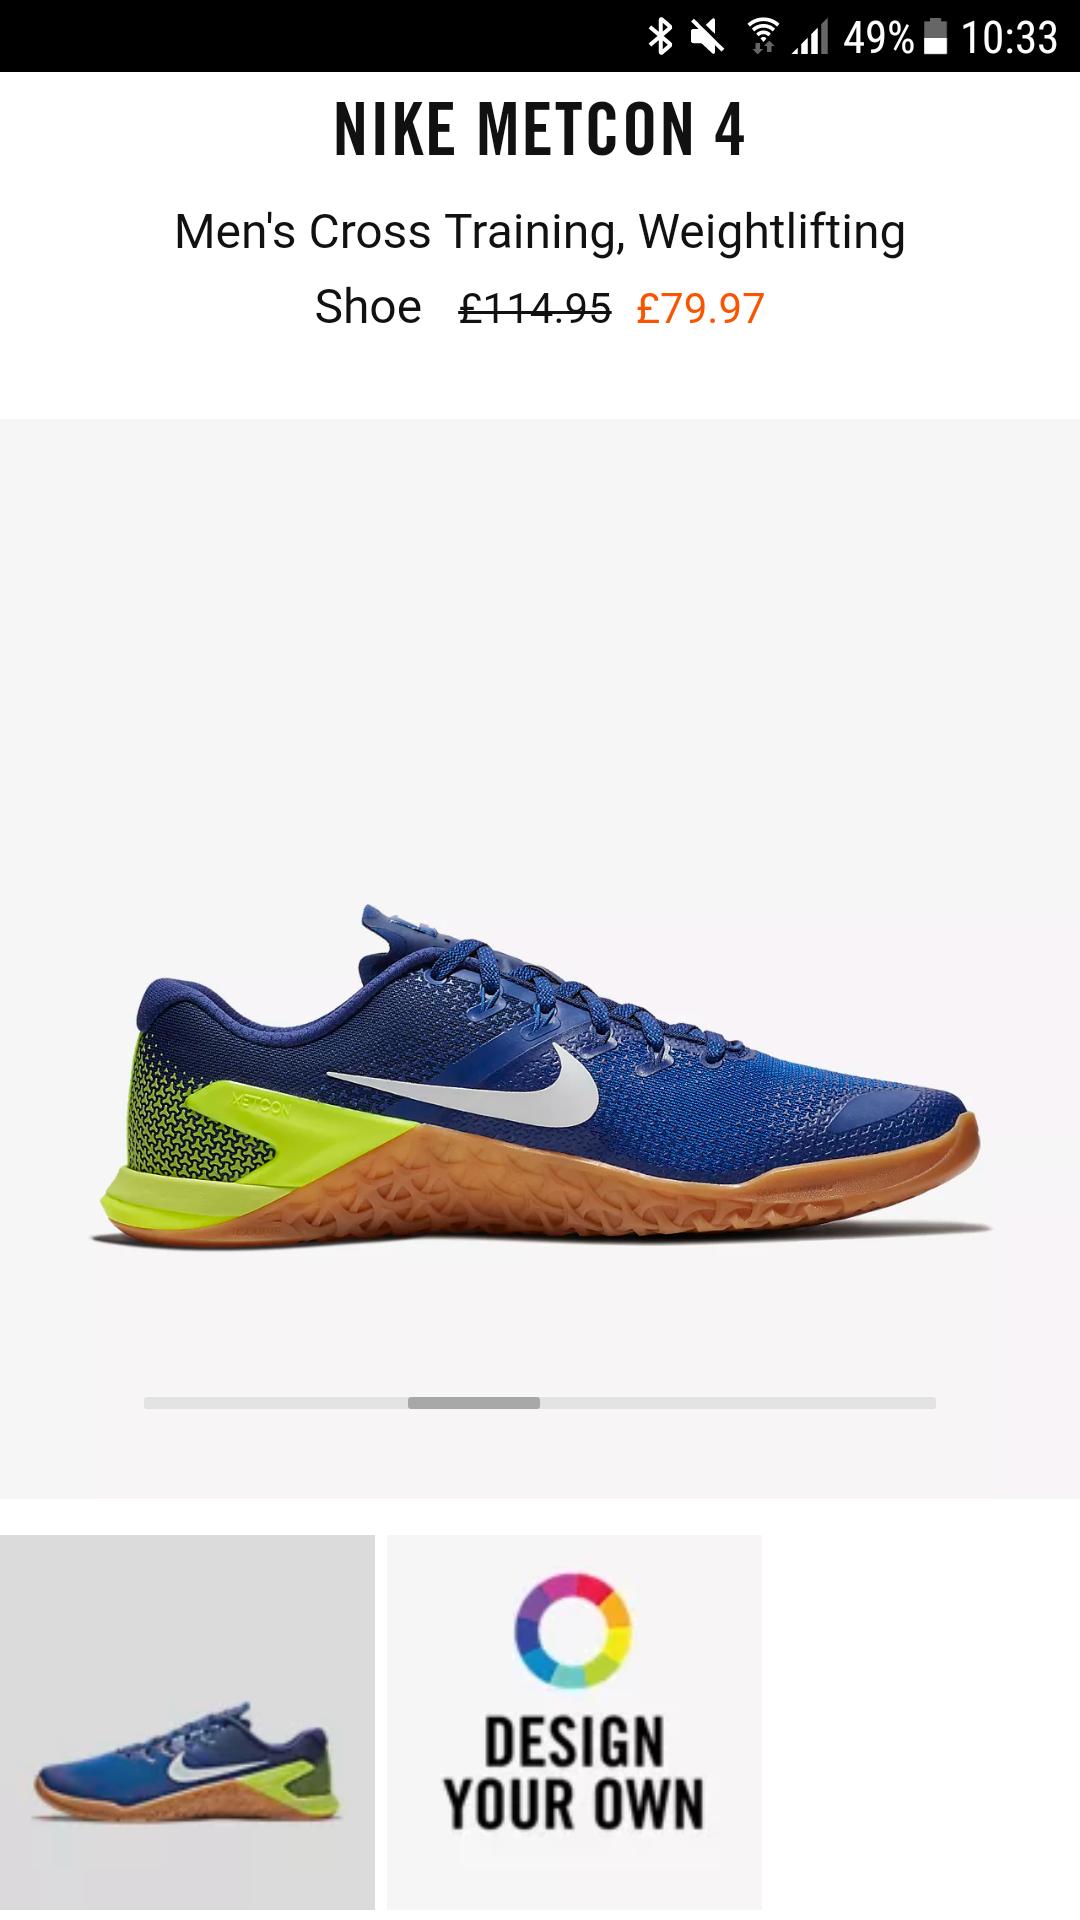 Nike Metcon 4 - Nike Sale - £79.97 @ Nike